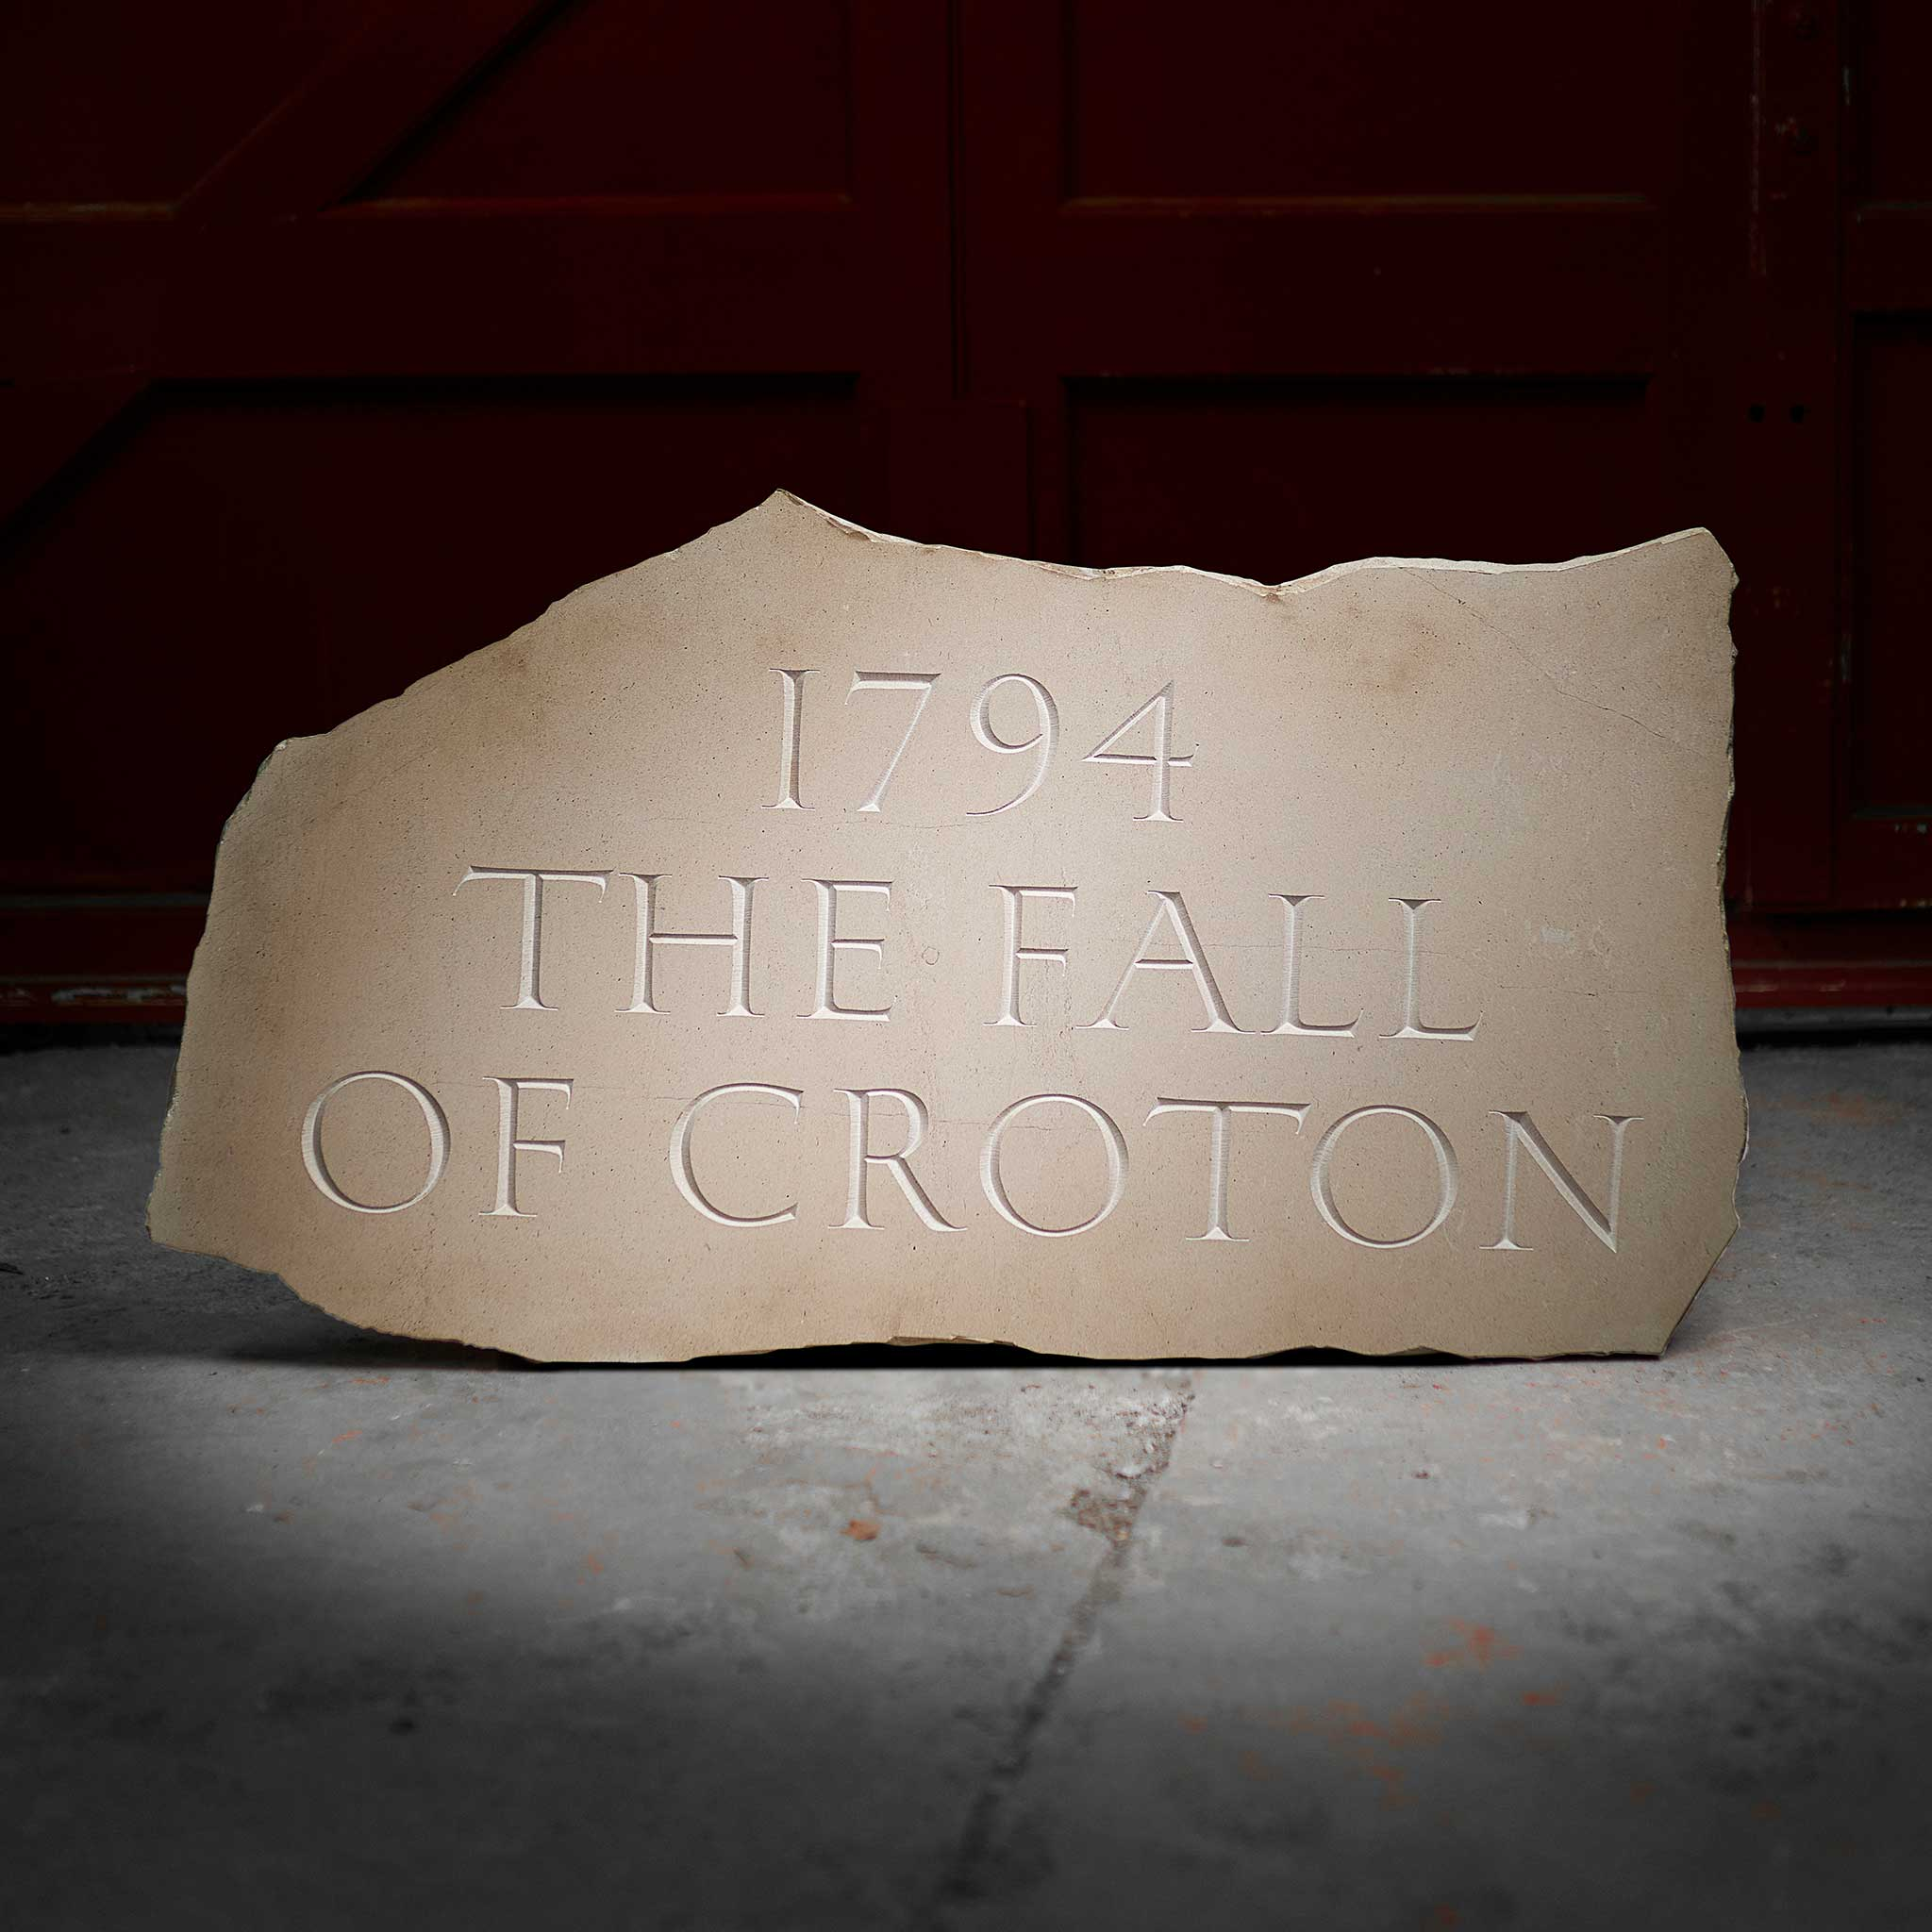 § IAN HAMILTON FINLAY (SCOTTISH 1925-2006) '1794 - THE FALL OF CROTON', 1994